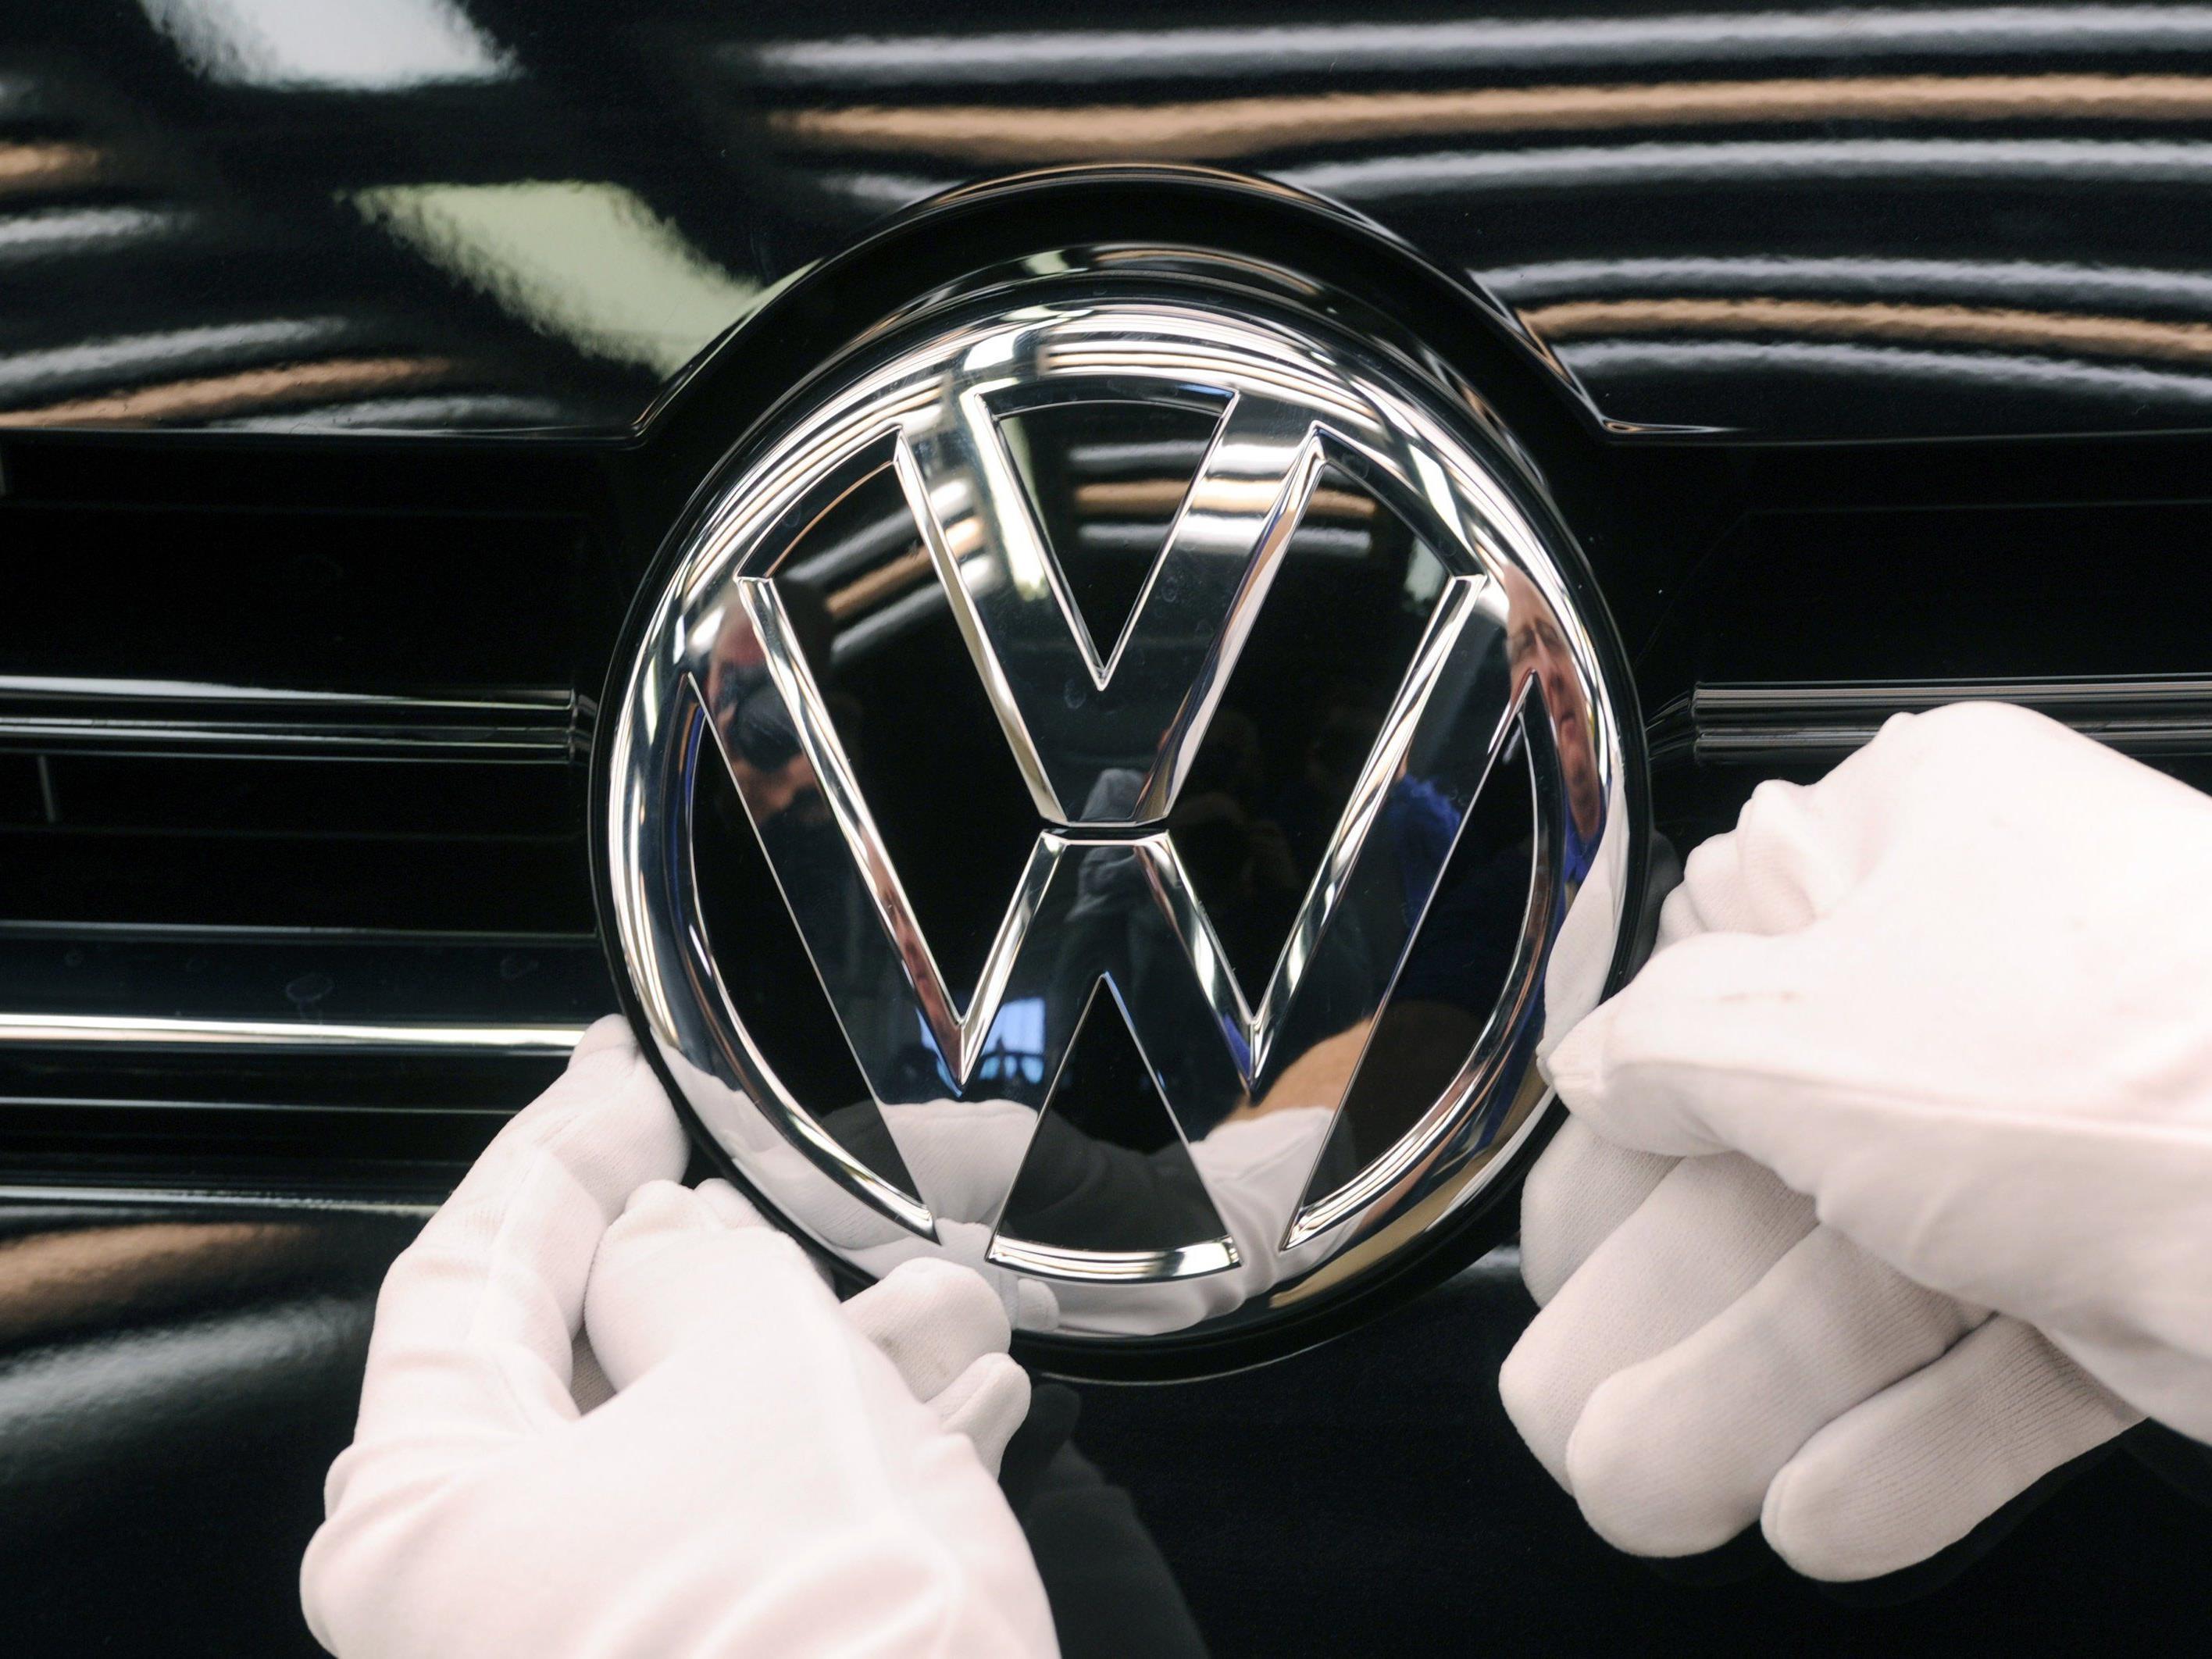 Abgasskandal bei VW: Weitere Überprüfungen in den USA und in Deutschland angekündigt